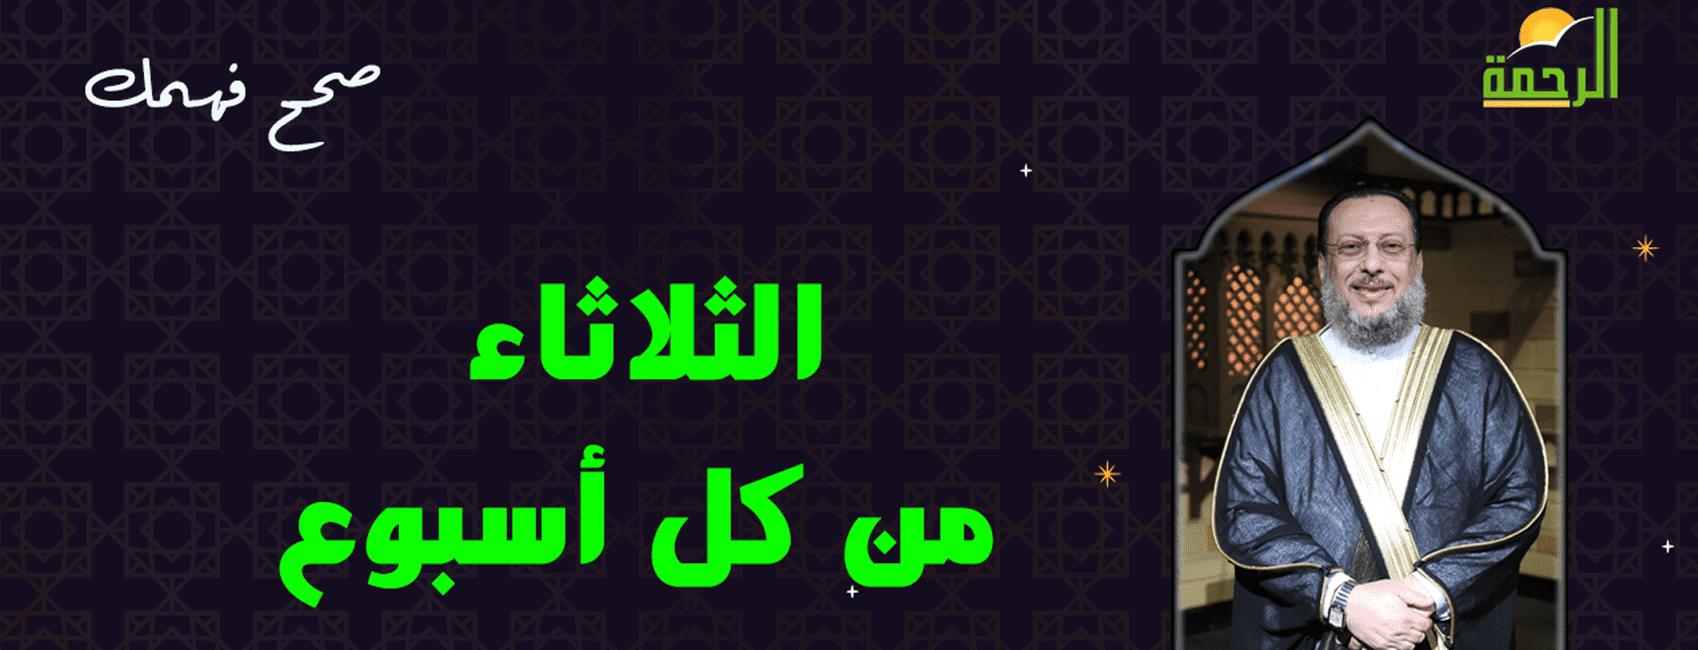 صحح فهمك مع فضيلة الشيخ محمد الزغبى